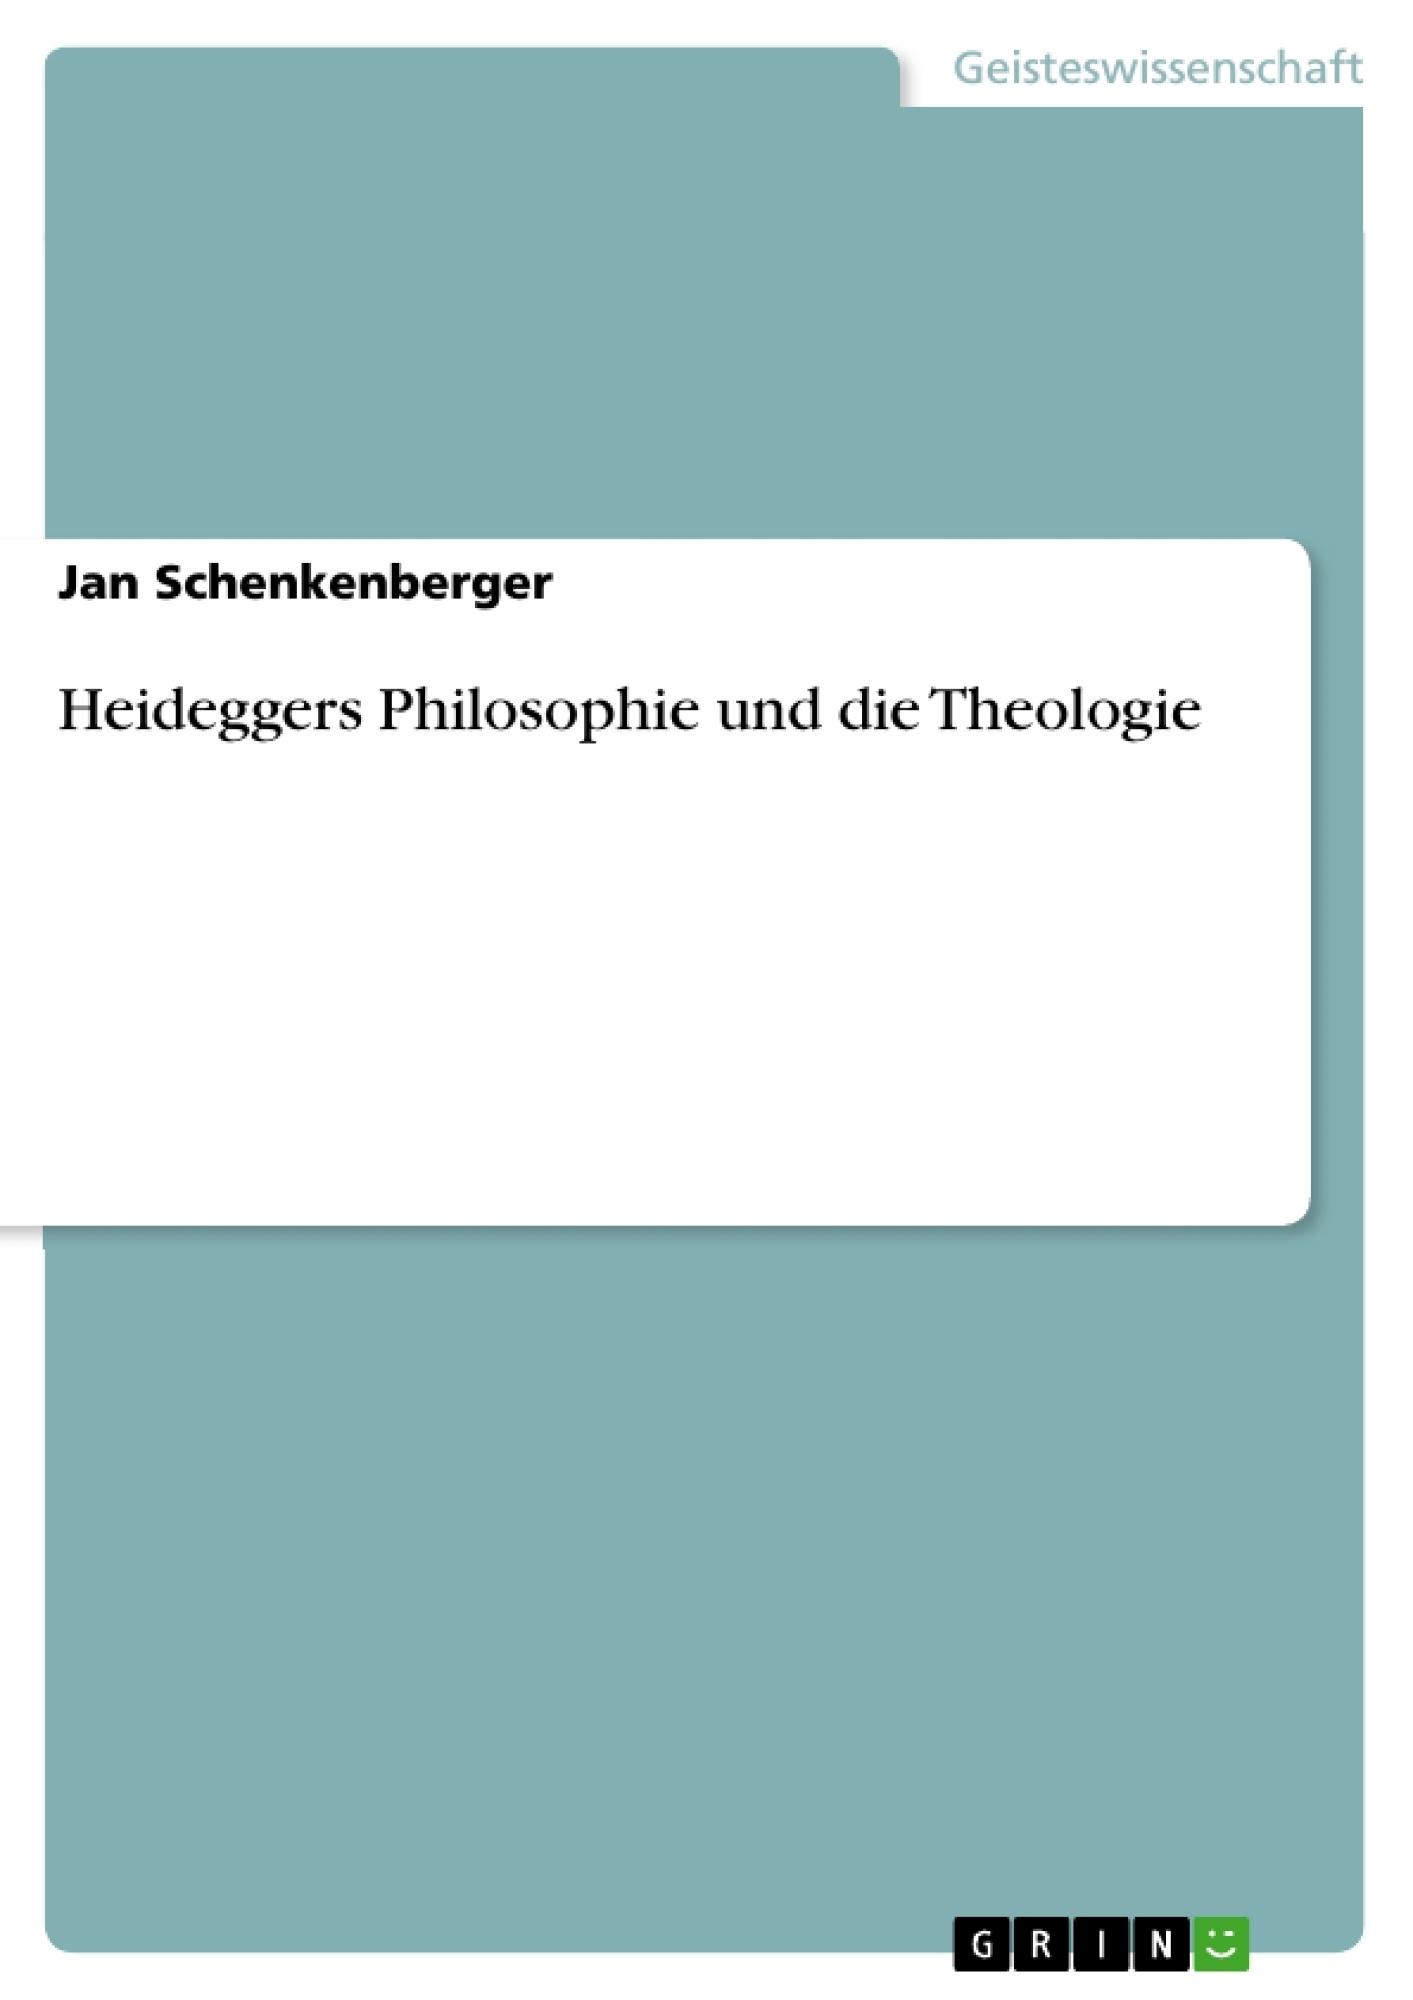 Titel: Heideggers Philosophie und die Theologie